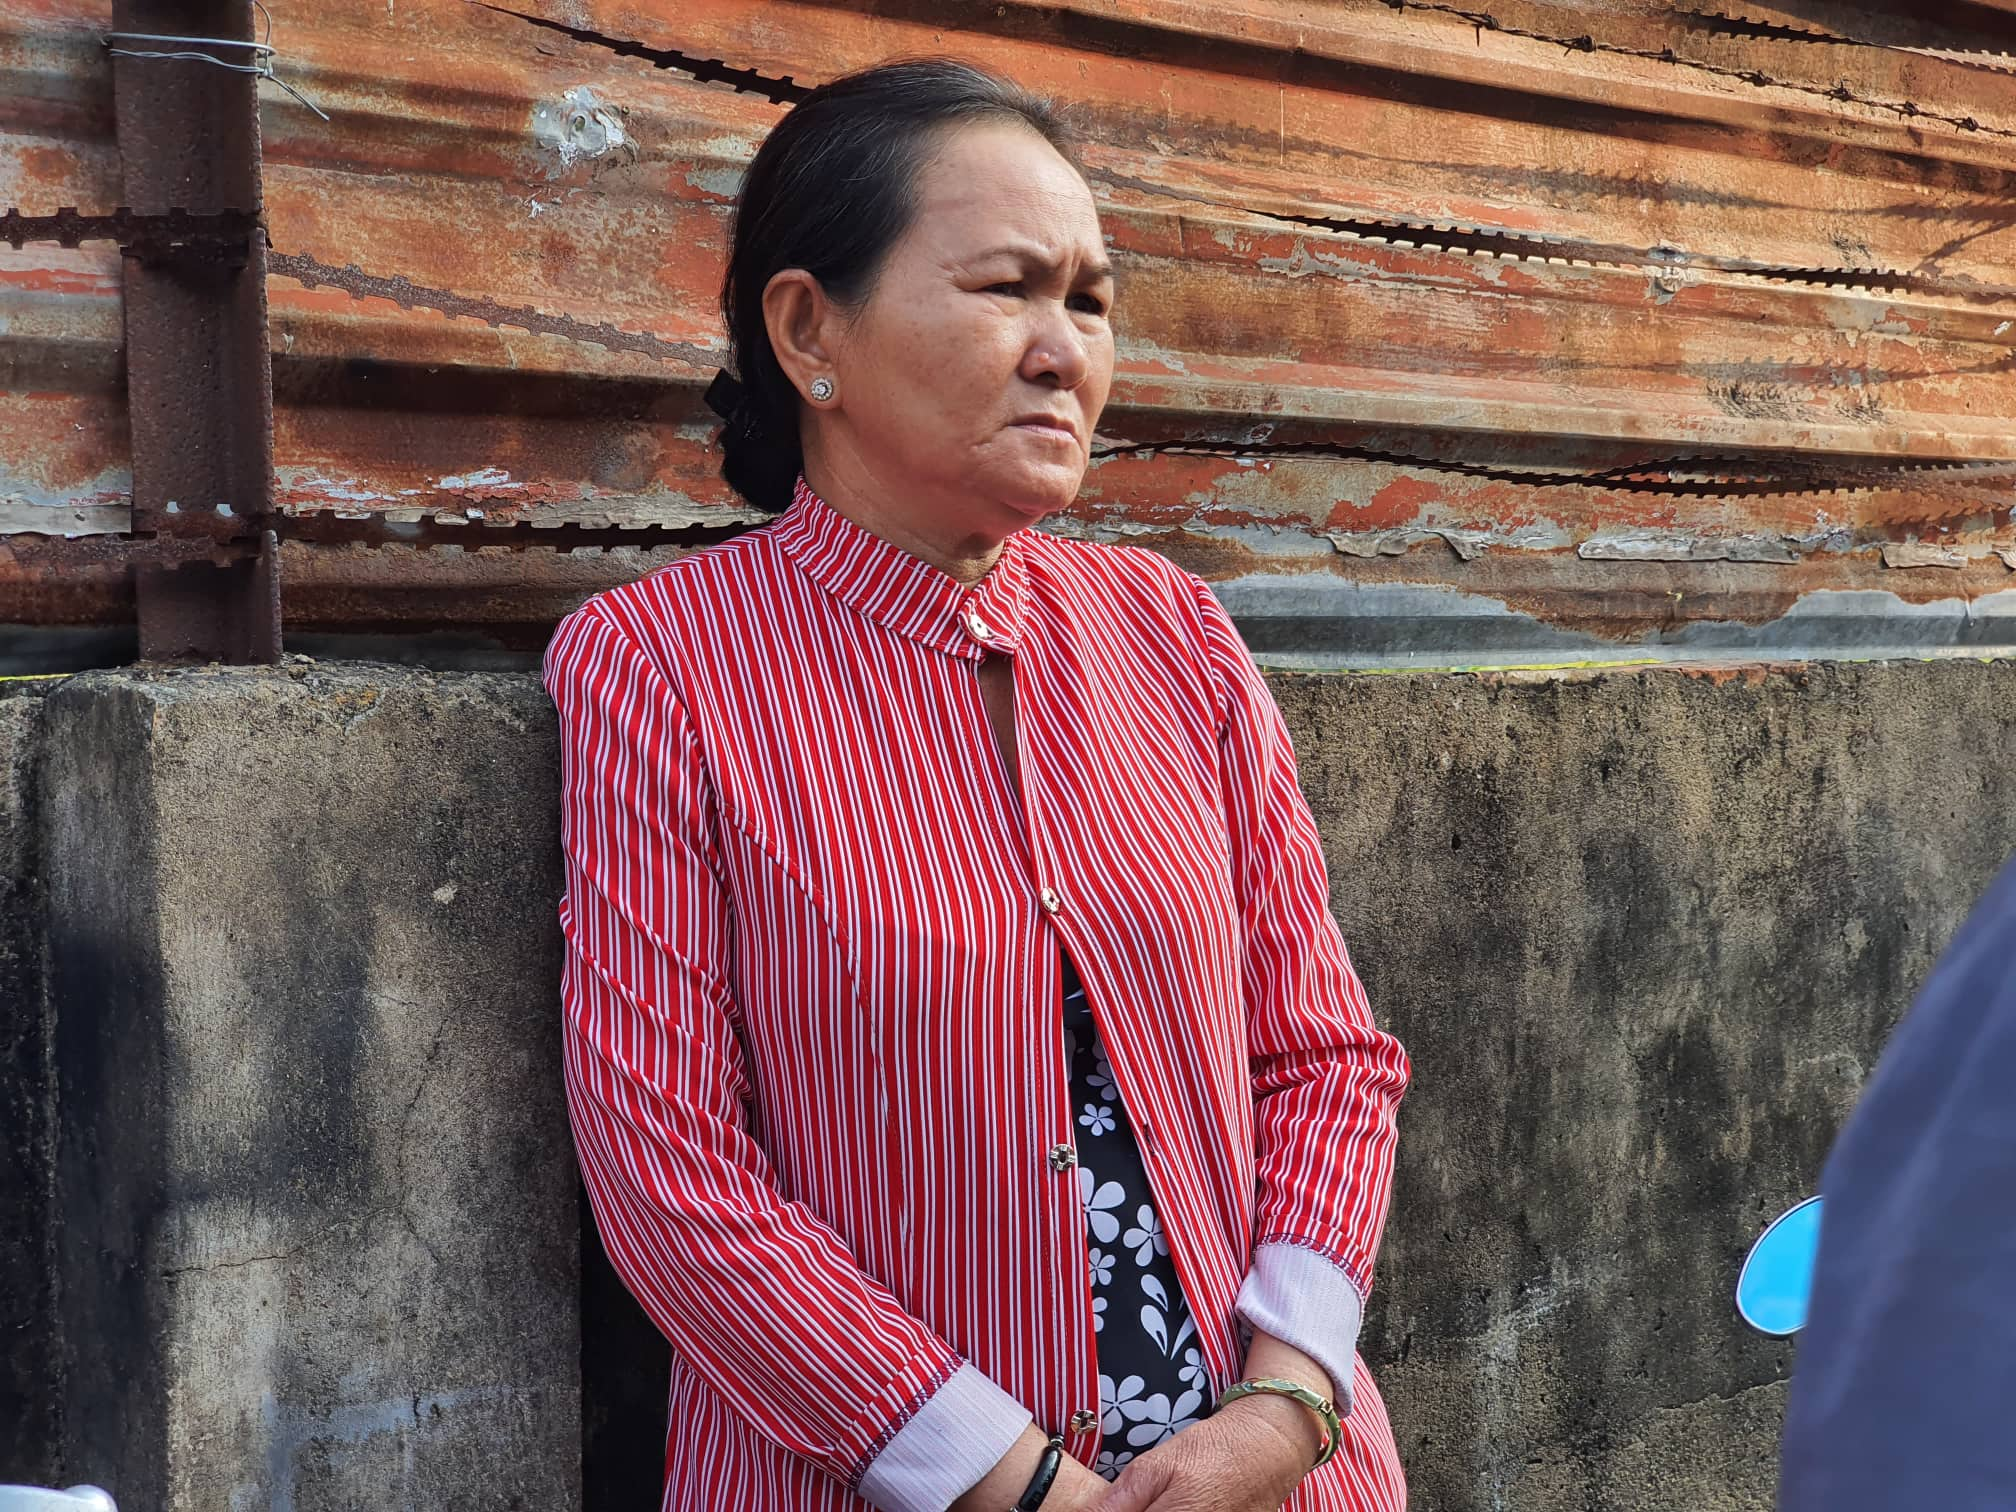 Cháy nhà ở Sài Gòn rạng sáng 27 Tết, 5 người trong gia đình tử vong - 4